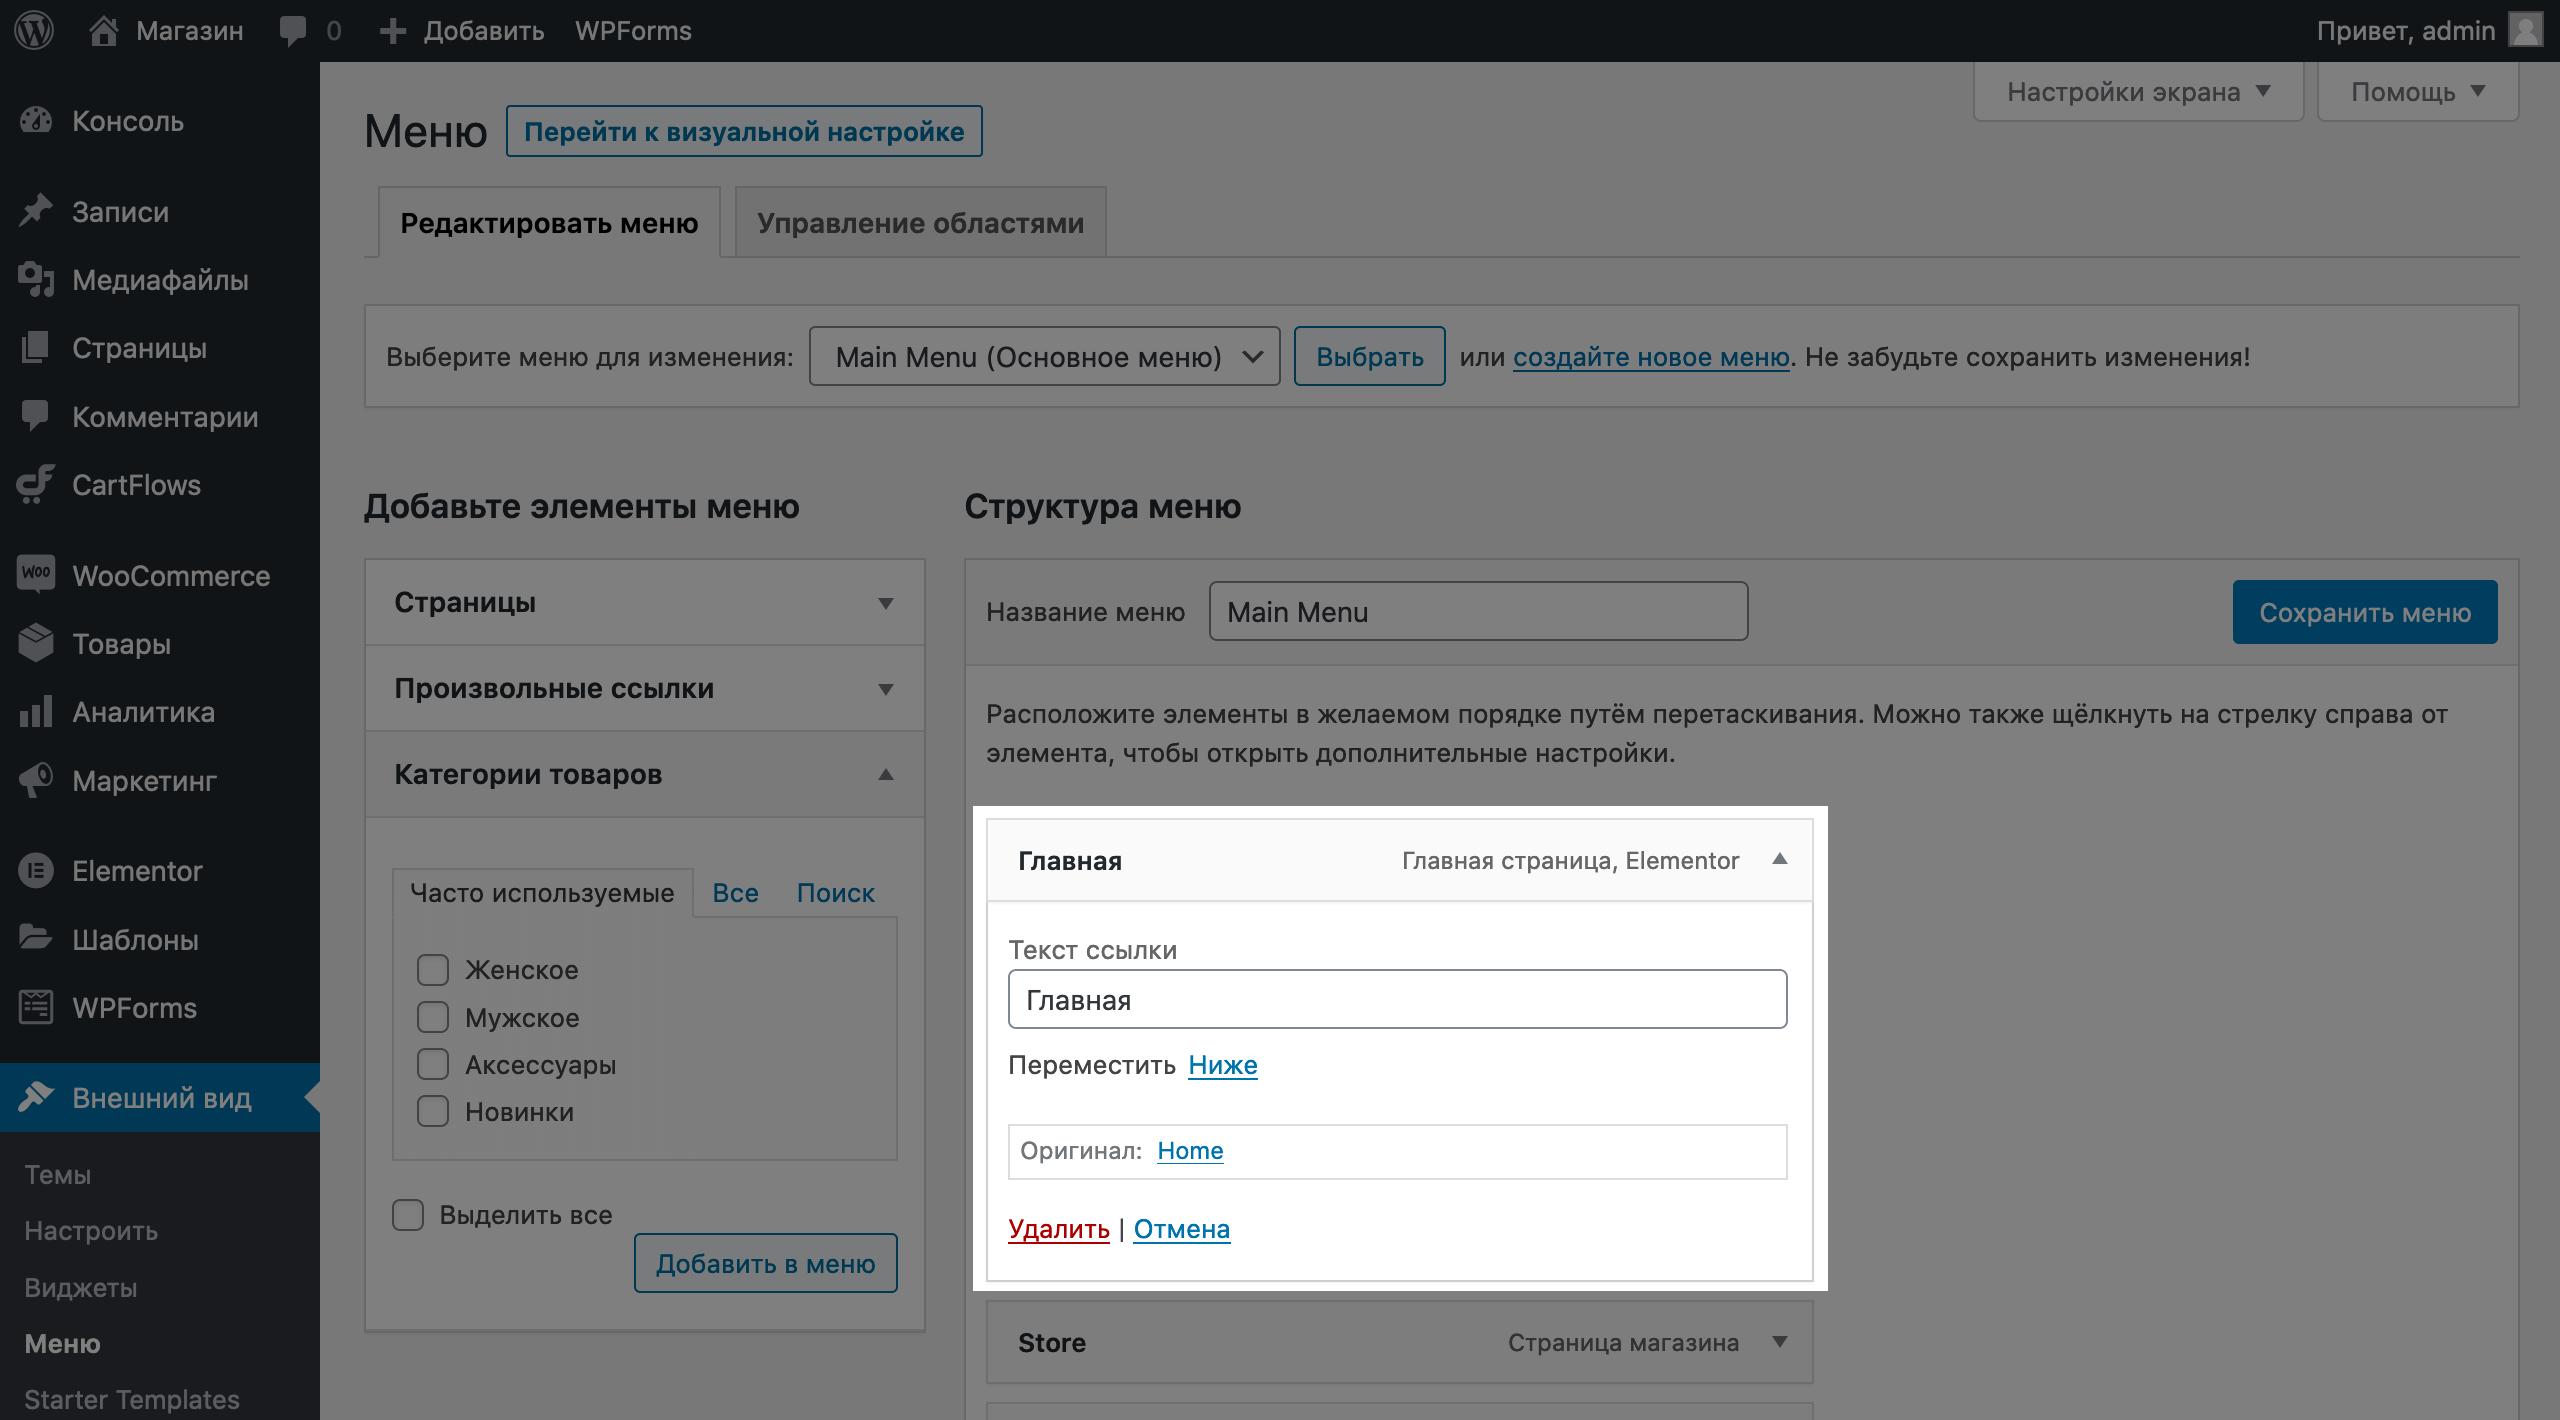 Движок интернет-магазина WordPress: параметры одного из пунктов меню